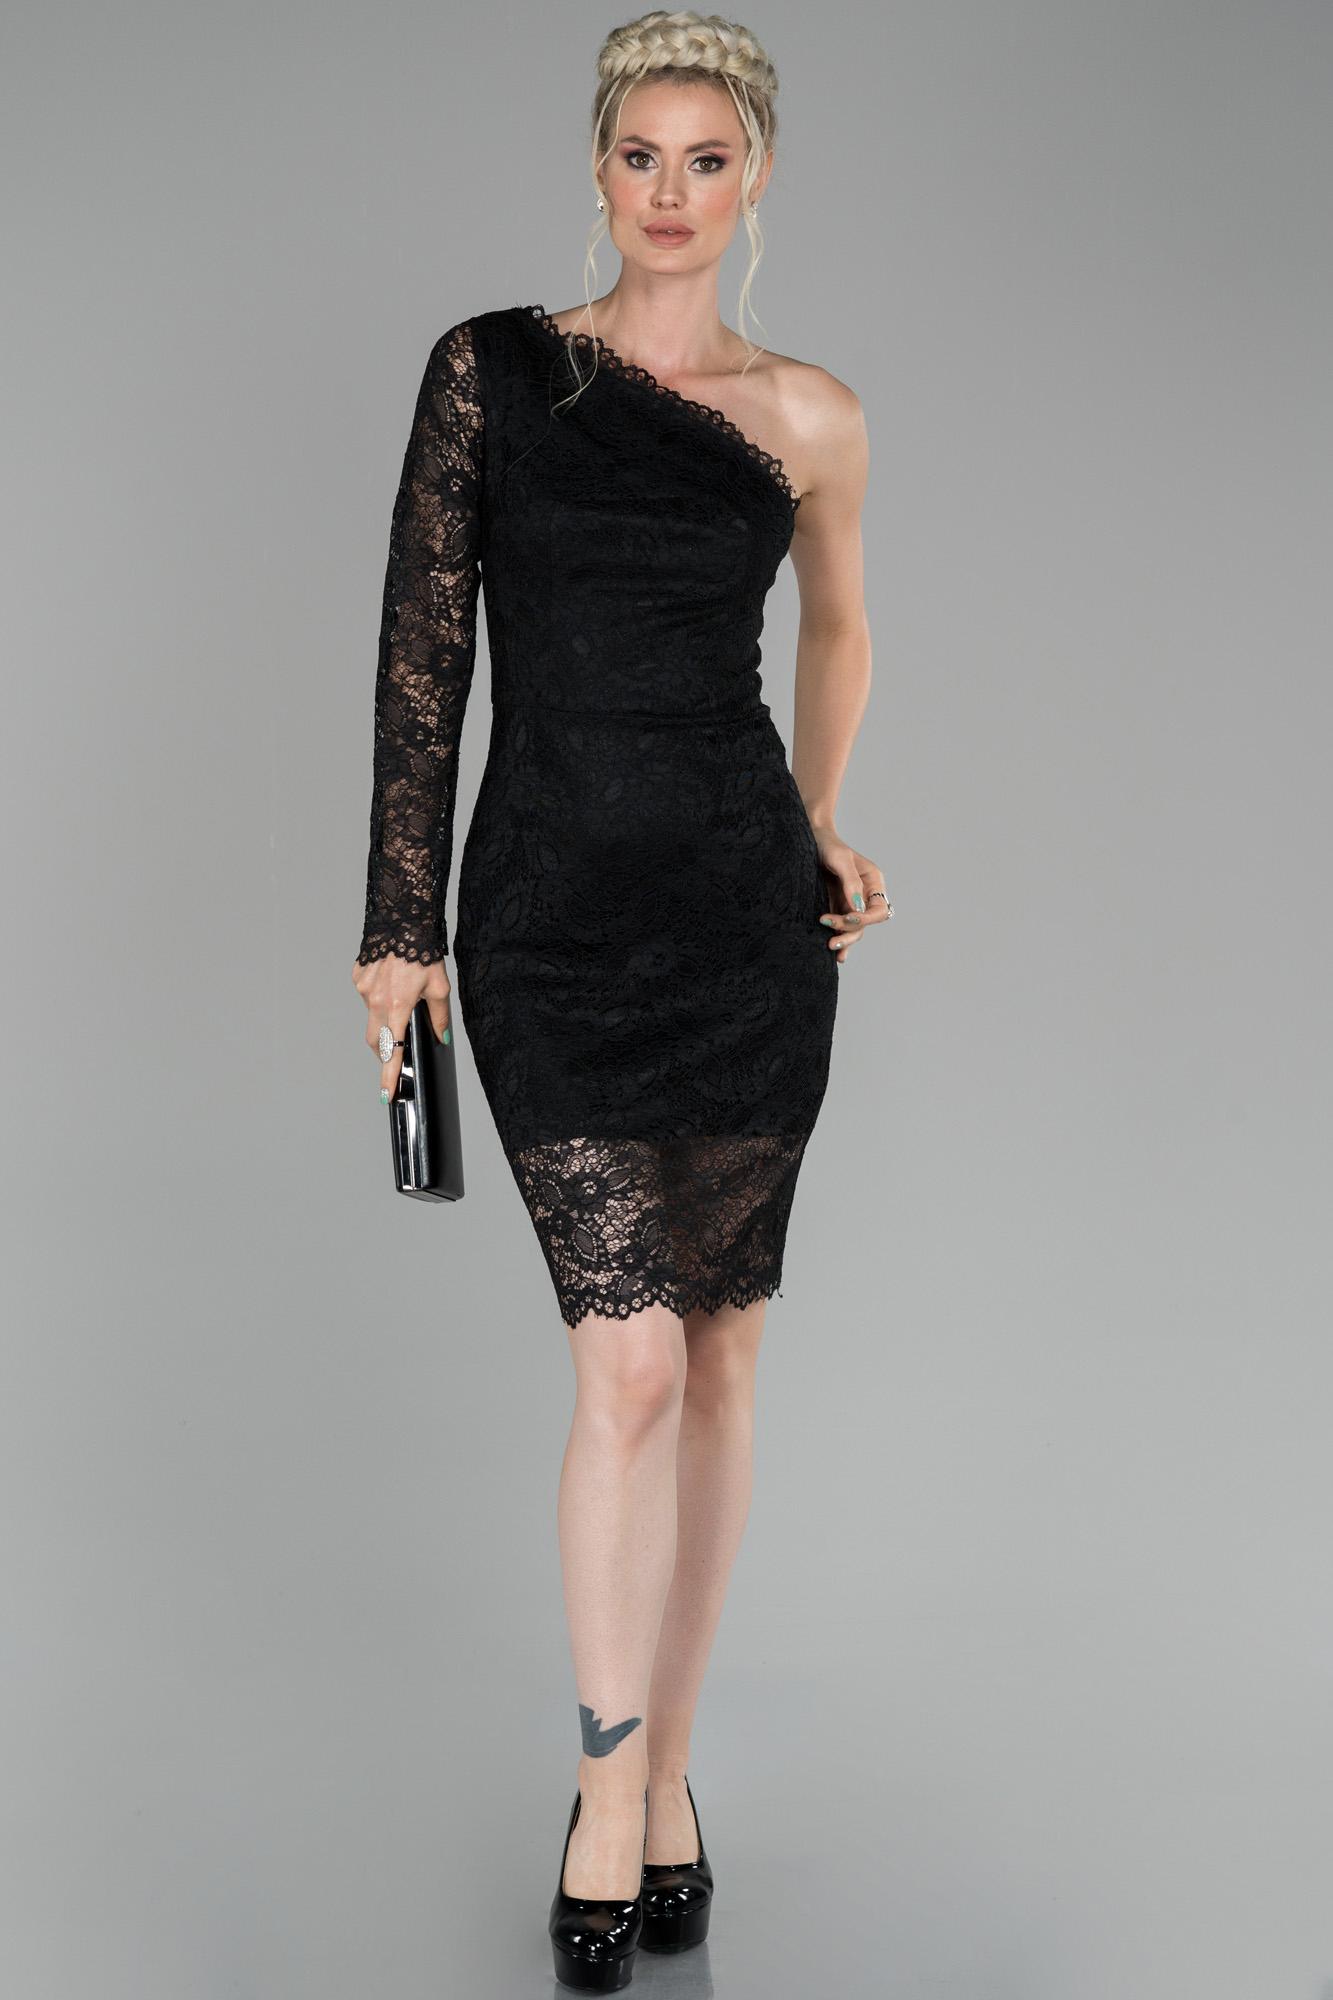 Siyah Kısa Tek Kol Güpür Detaylı Davet Elbisesi